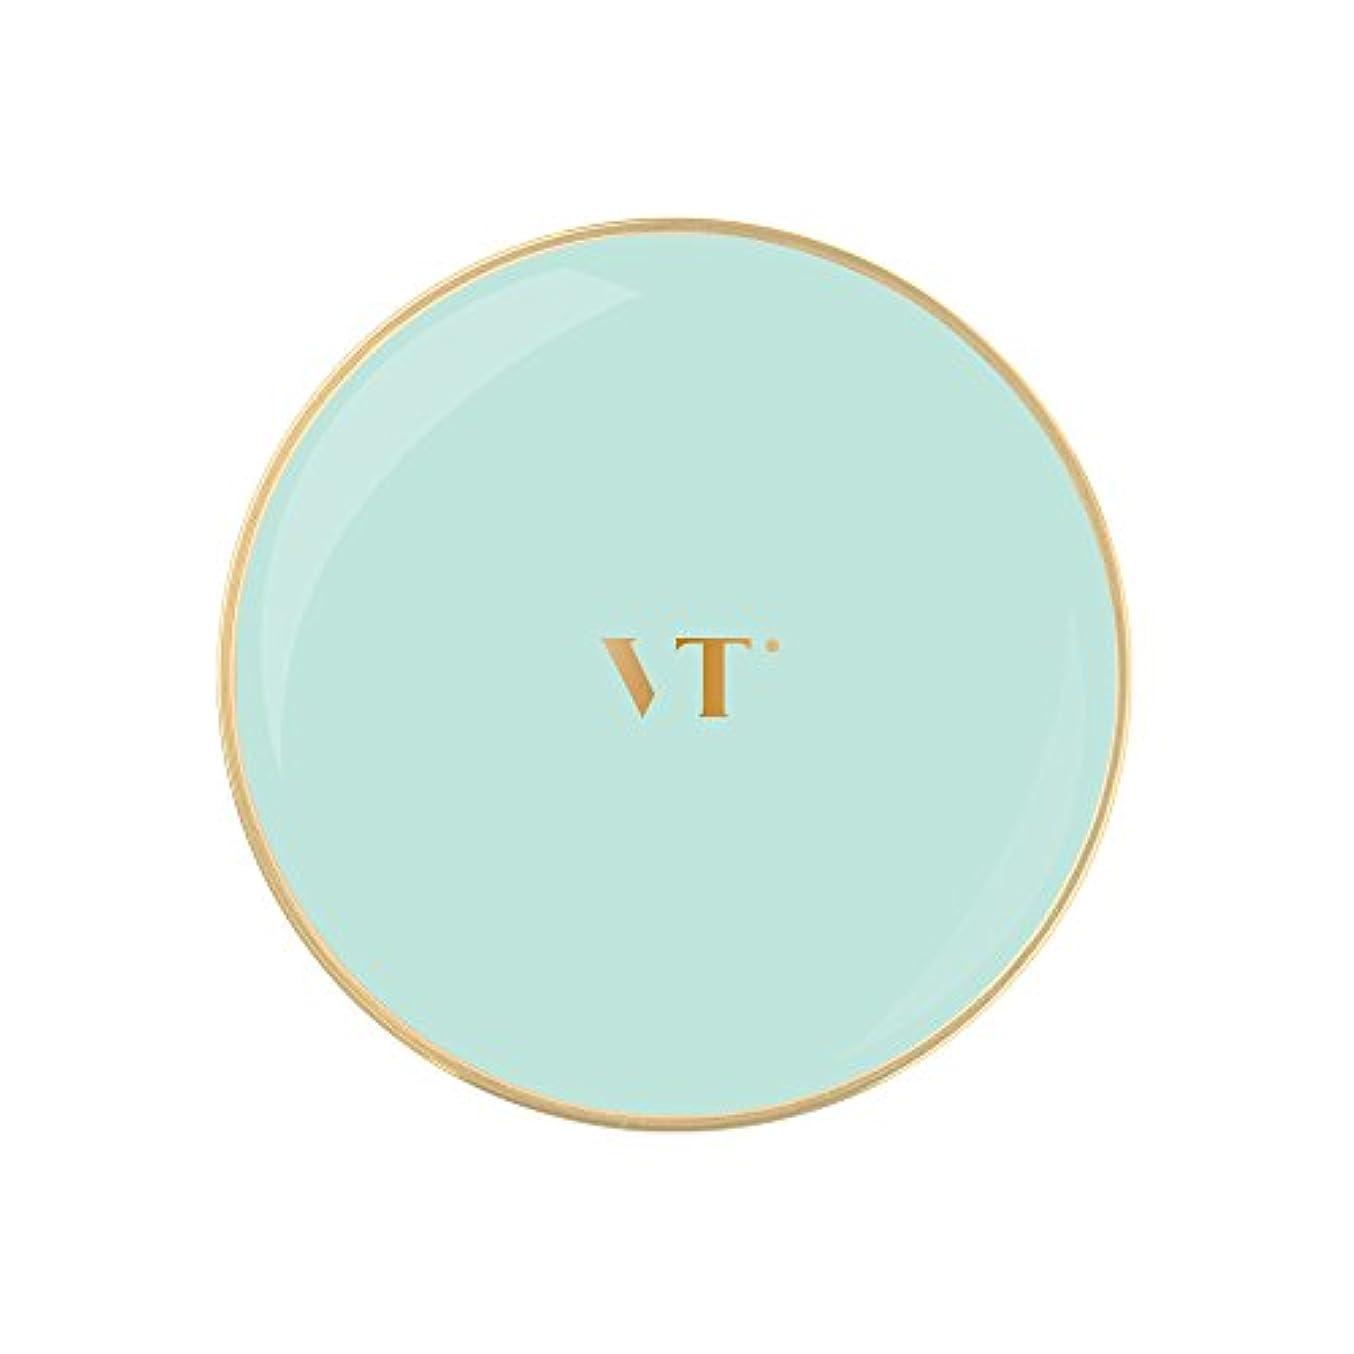 緊張叫び声ジュースVT Blue Collagen Pact 11g/ブイティー ブルー コラーゲン パクト 11g (#23) [並行輸入品]